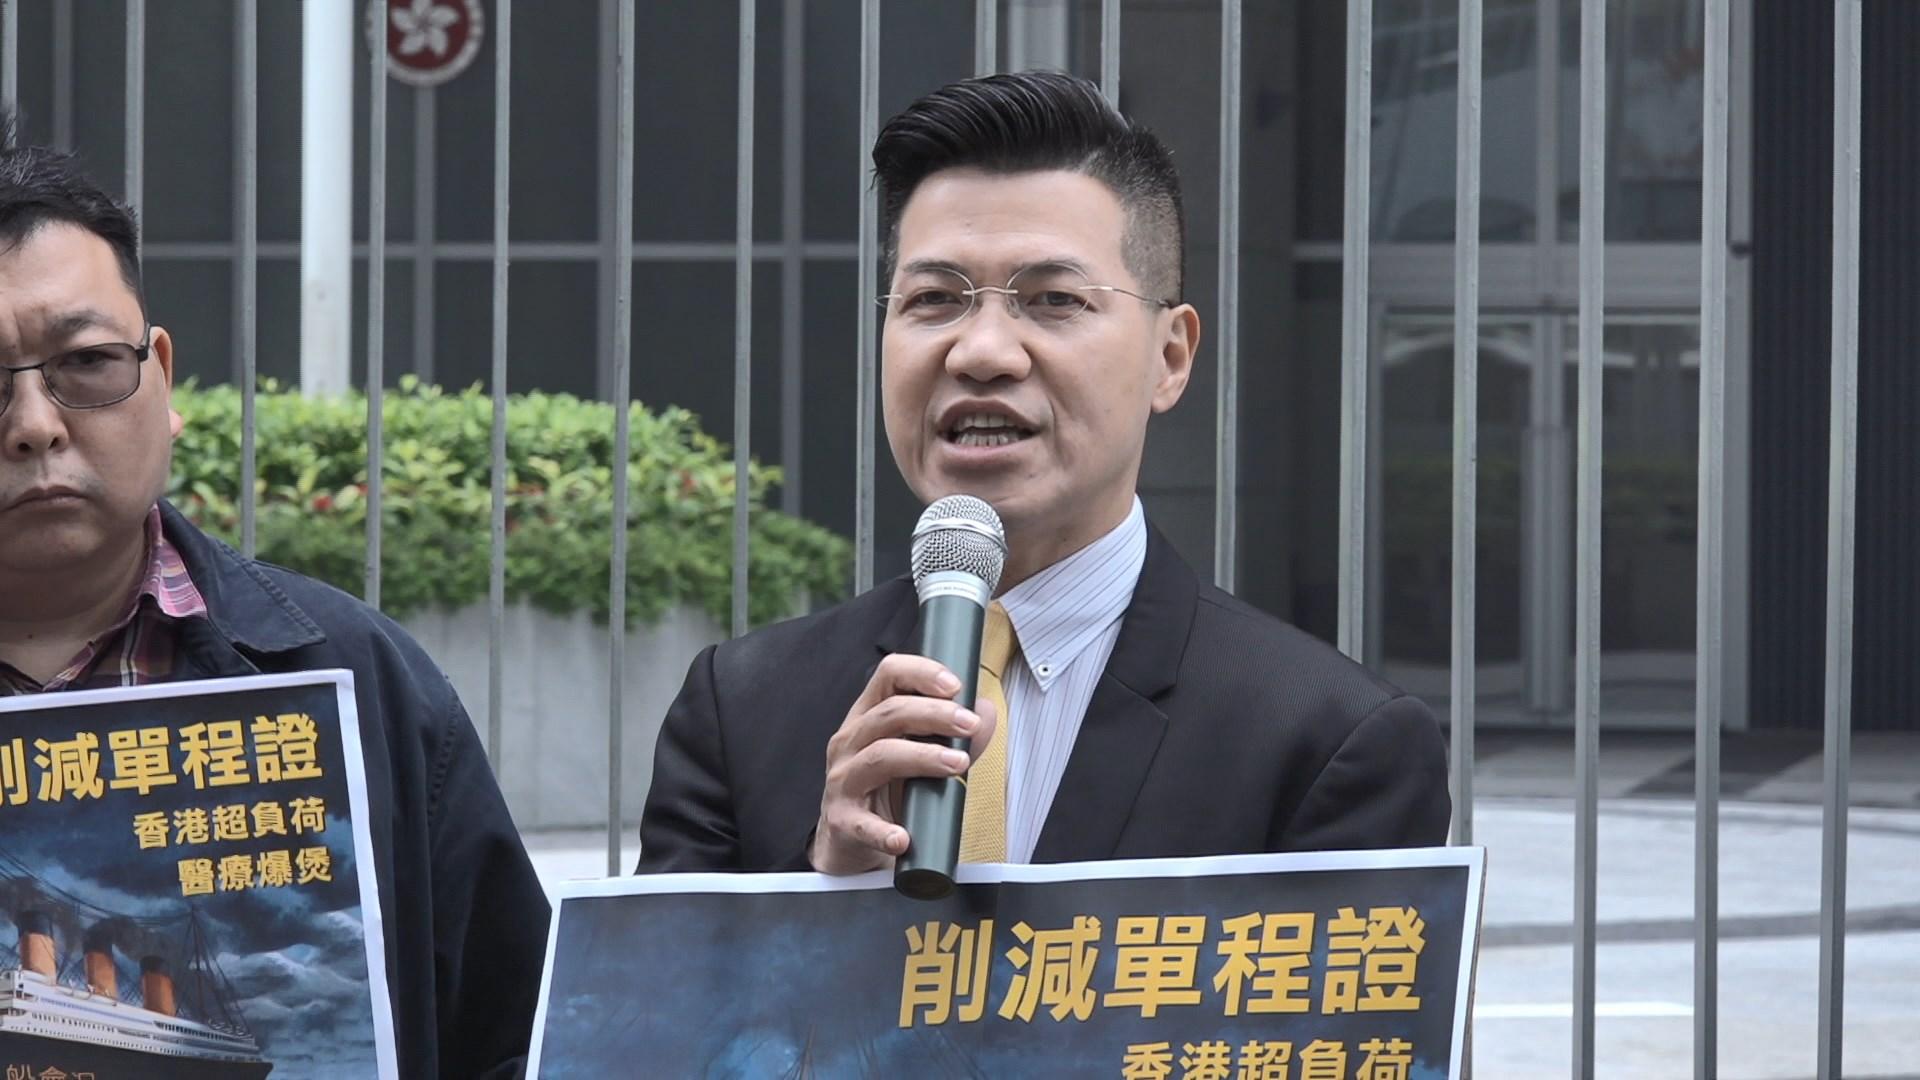 范國威倡收單程證審批權 新移民批歧視